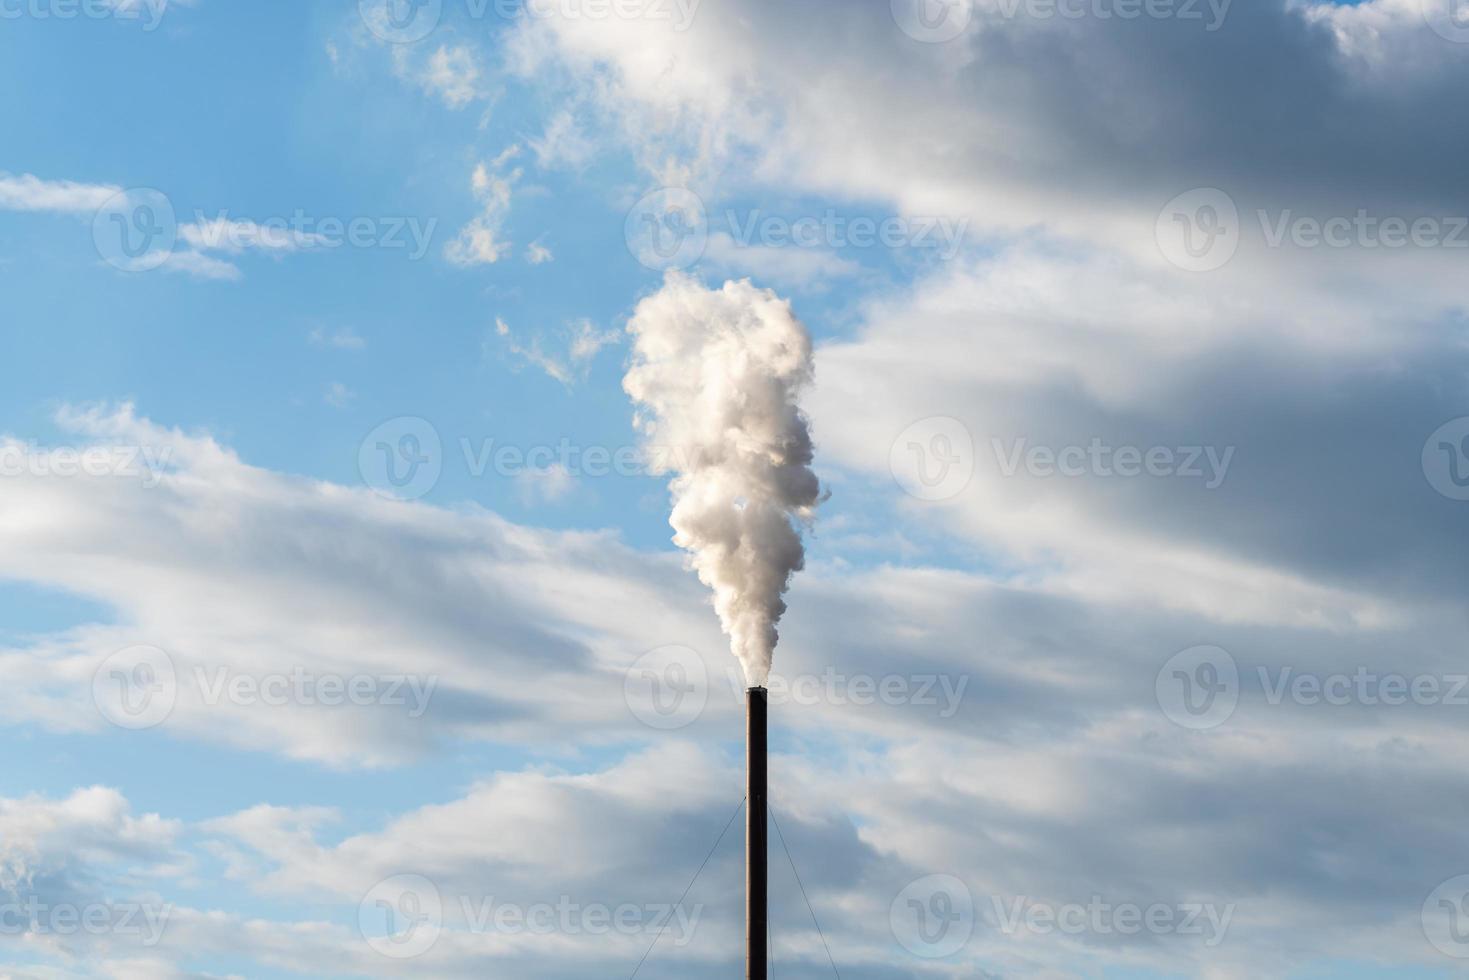 Chimenea en lo alto del aire contaminando la atmósfera. foto